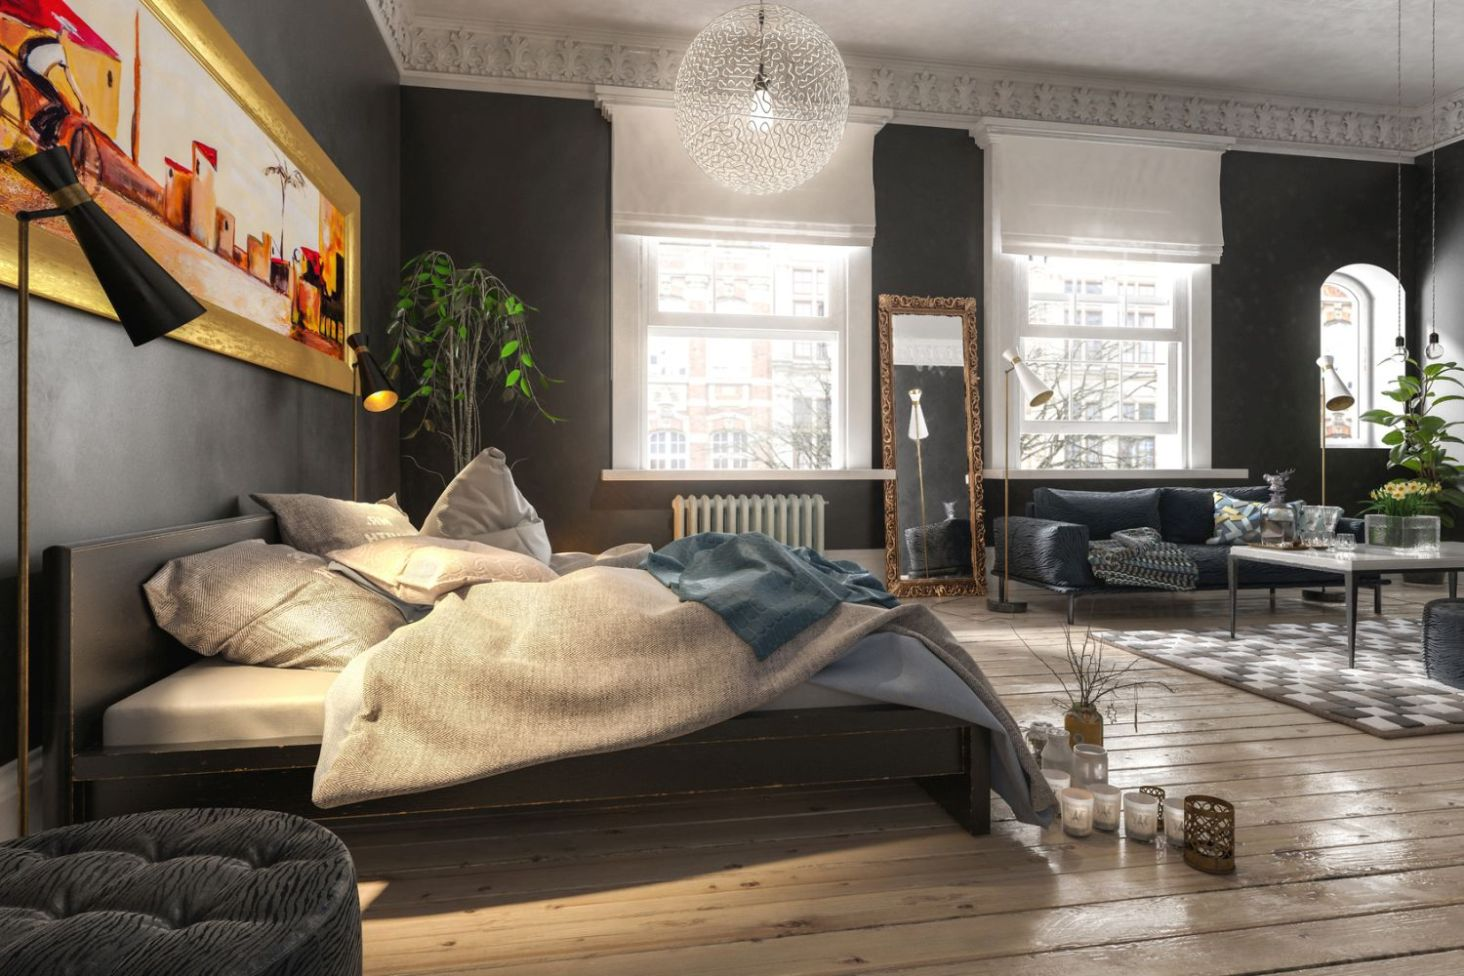 Salon Z Sypialnią Jak Urządzić Wnętrza Ze Smakiem